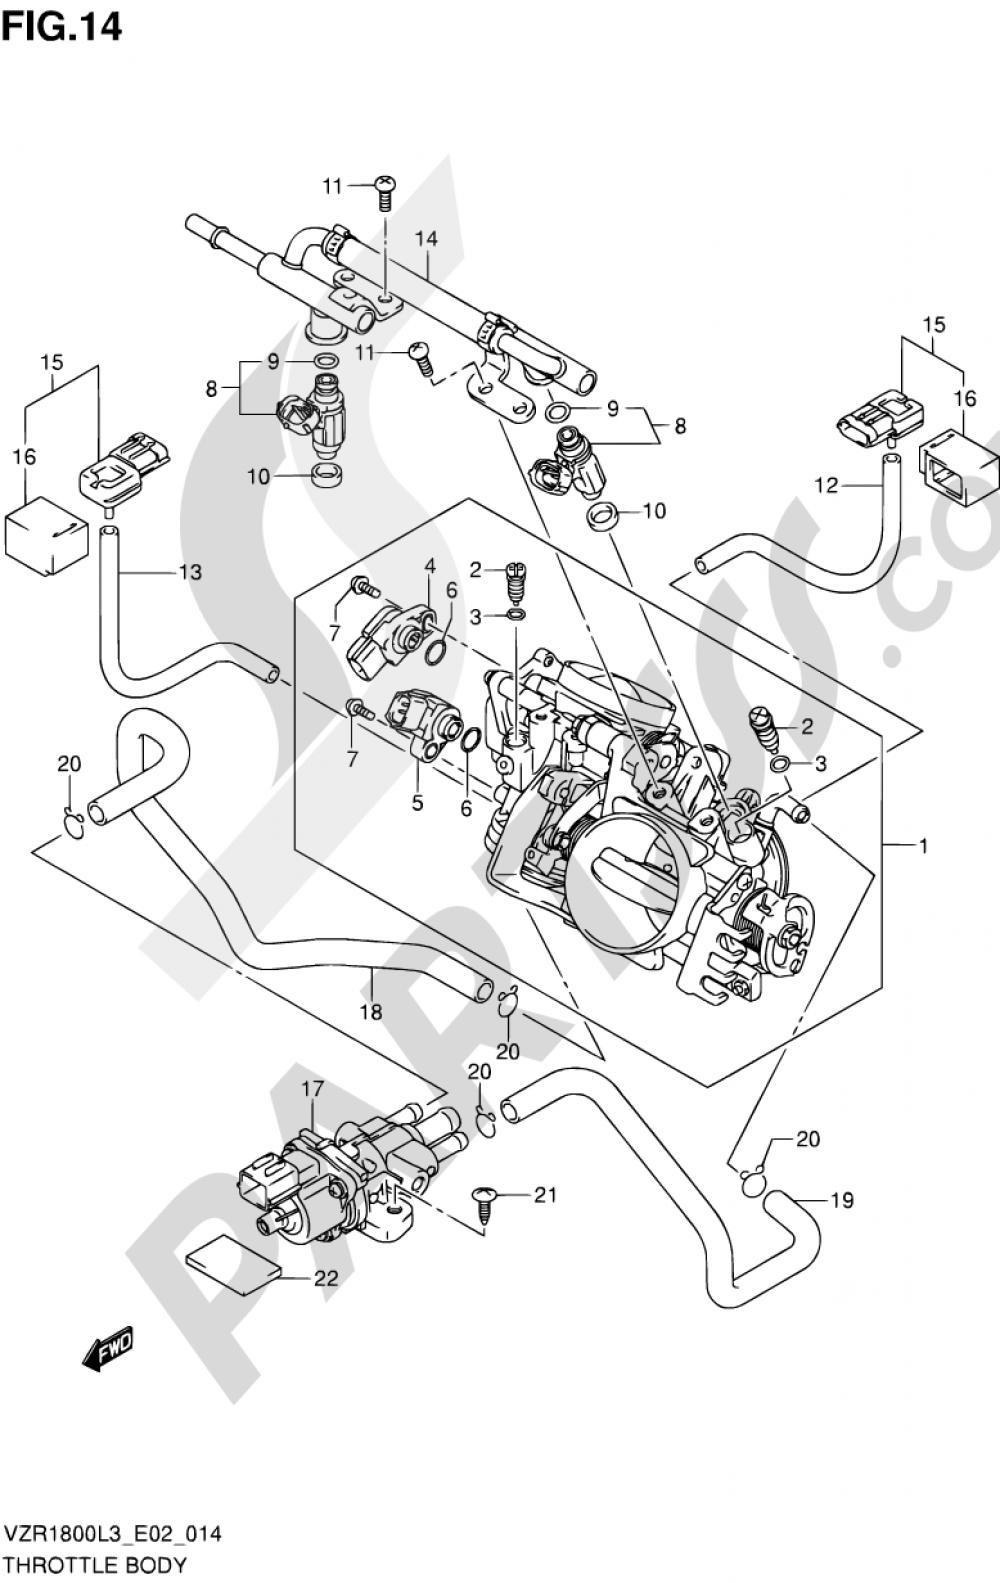 14 - THROTTLE BODY (VZR1800L3 E19) Suzuki VZR1800 2013